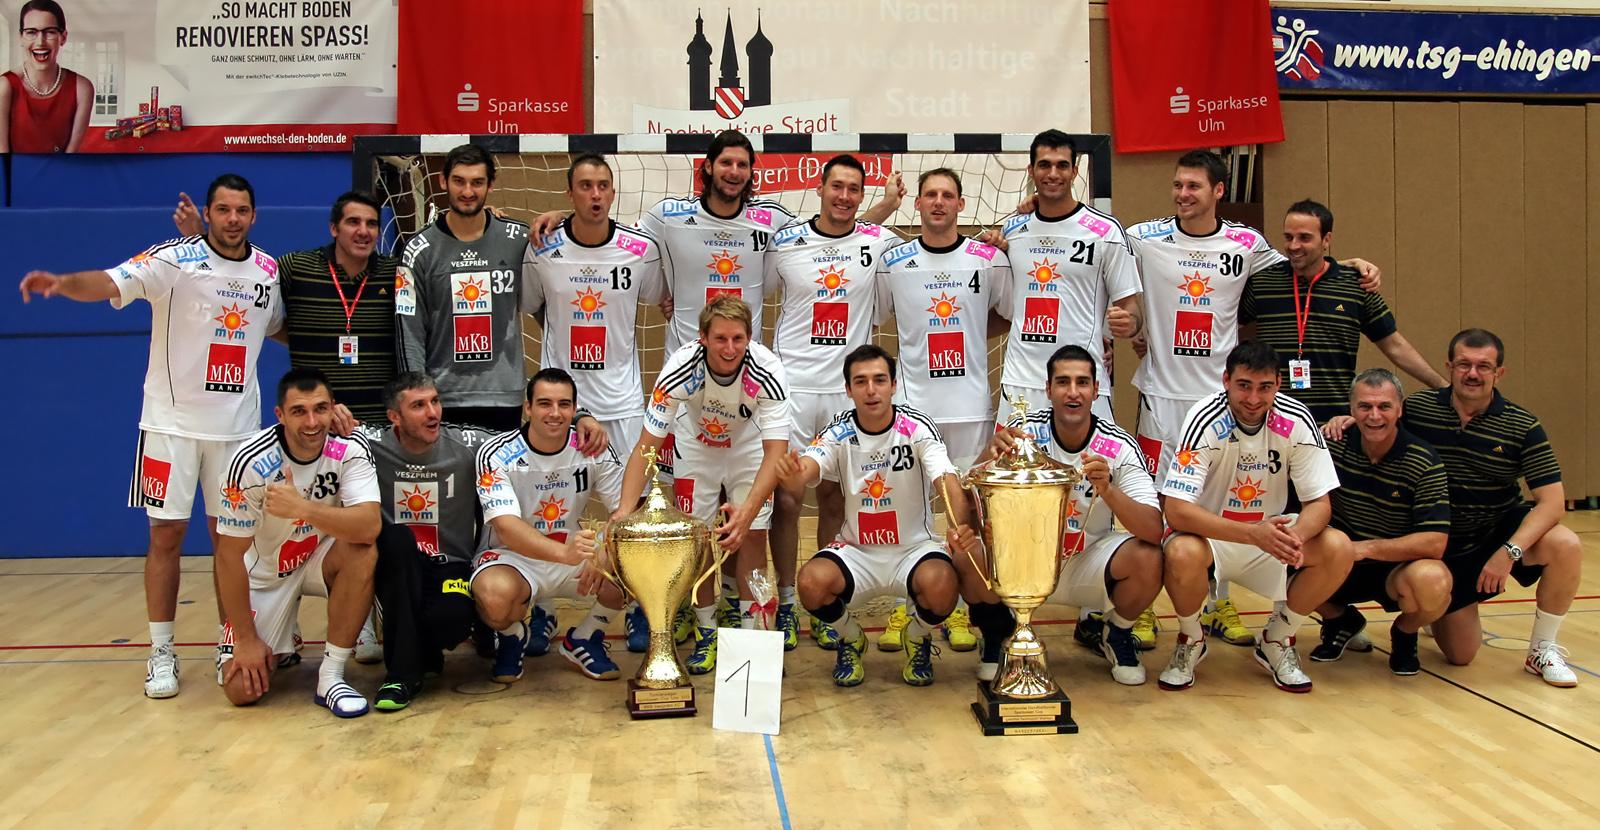 (MKB Veszprém Kézilabda) am 18. August 2013 in Ehingen (Donau) nach dem Gewinn des Sparkassen-Cup. English: The handball team of KC Veszprém (MKB Veszprém